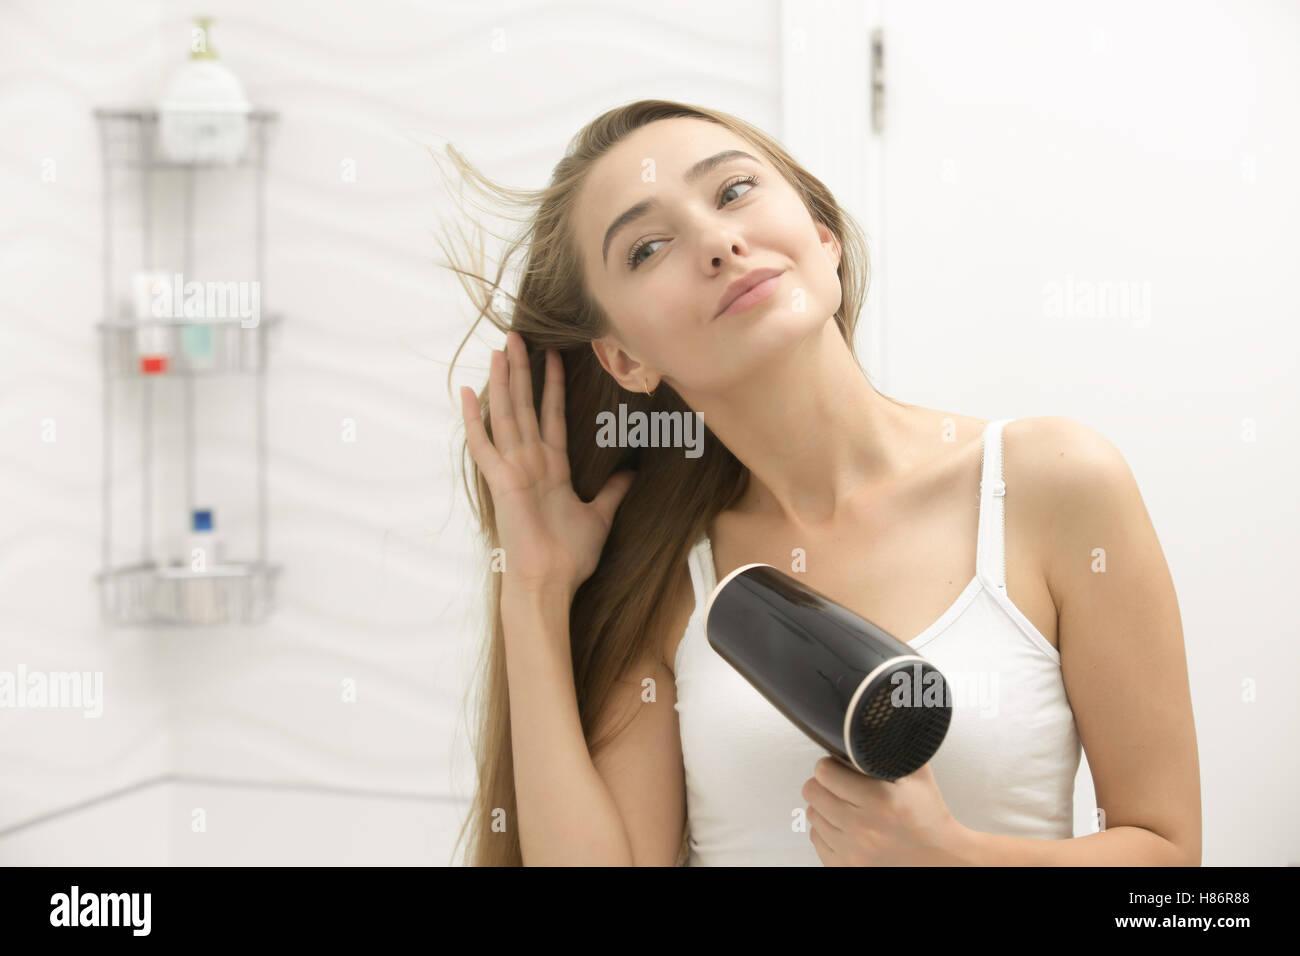 Belle jeune femme regardant le miroir sèche séchage Photo Stock